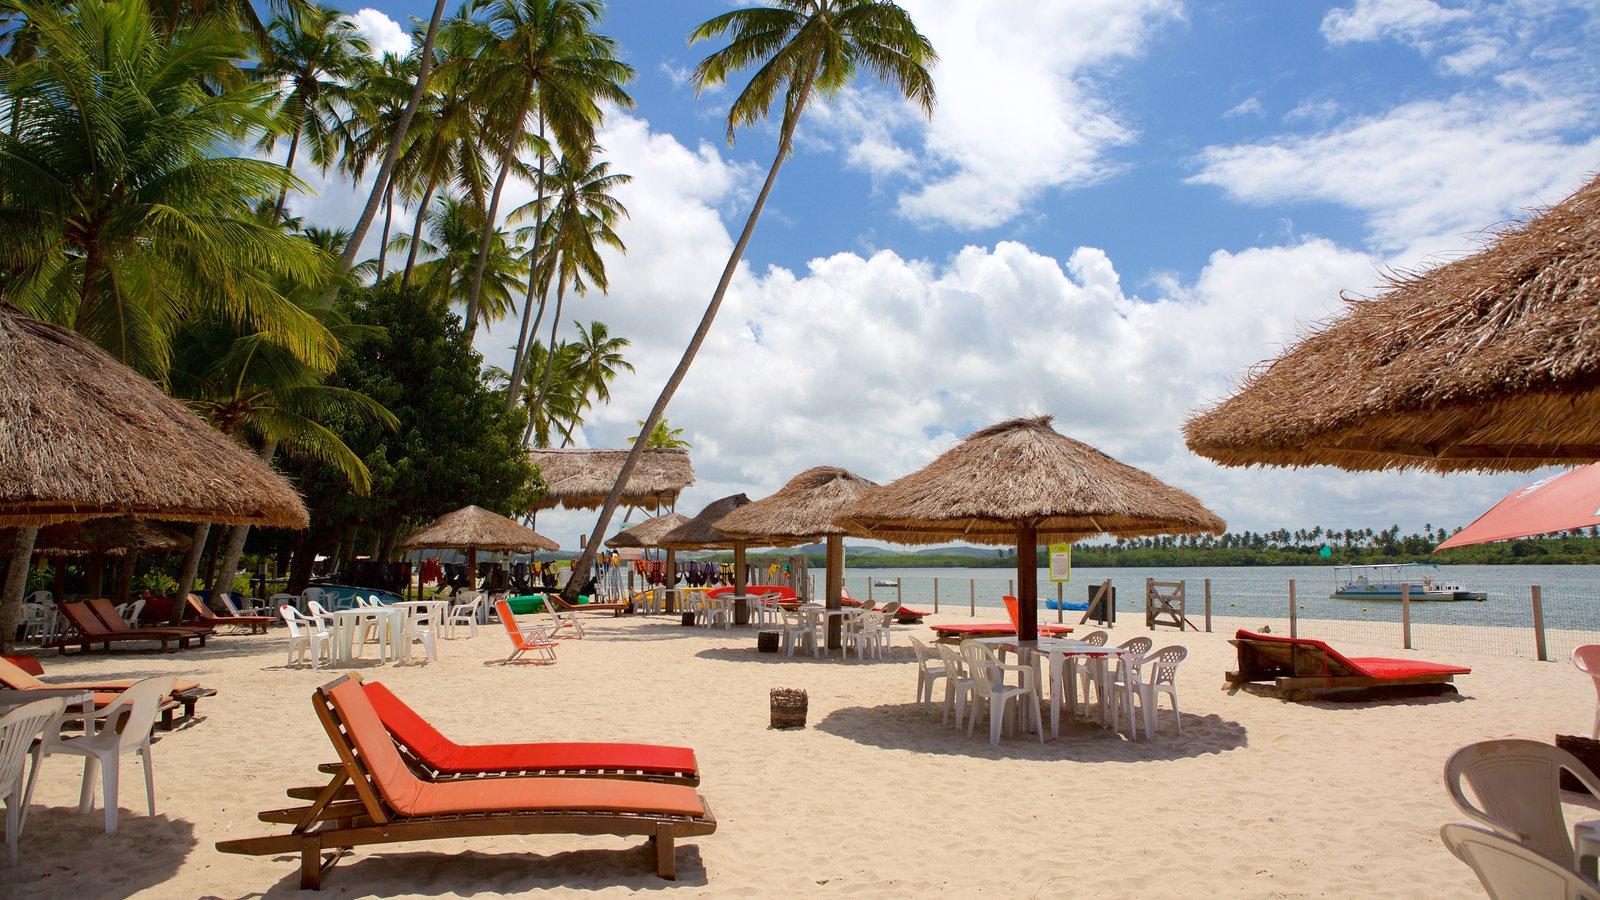 Tamandaré caracterizando cenas tropicais, uma praia e paisagens litorâneas